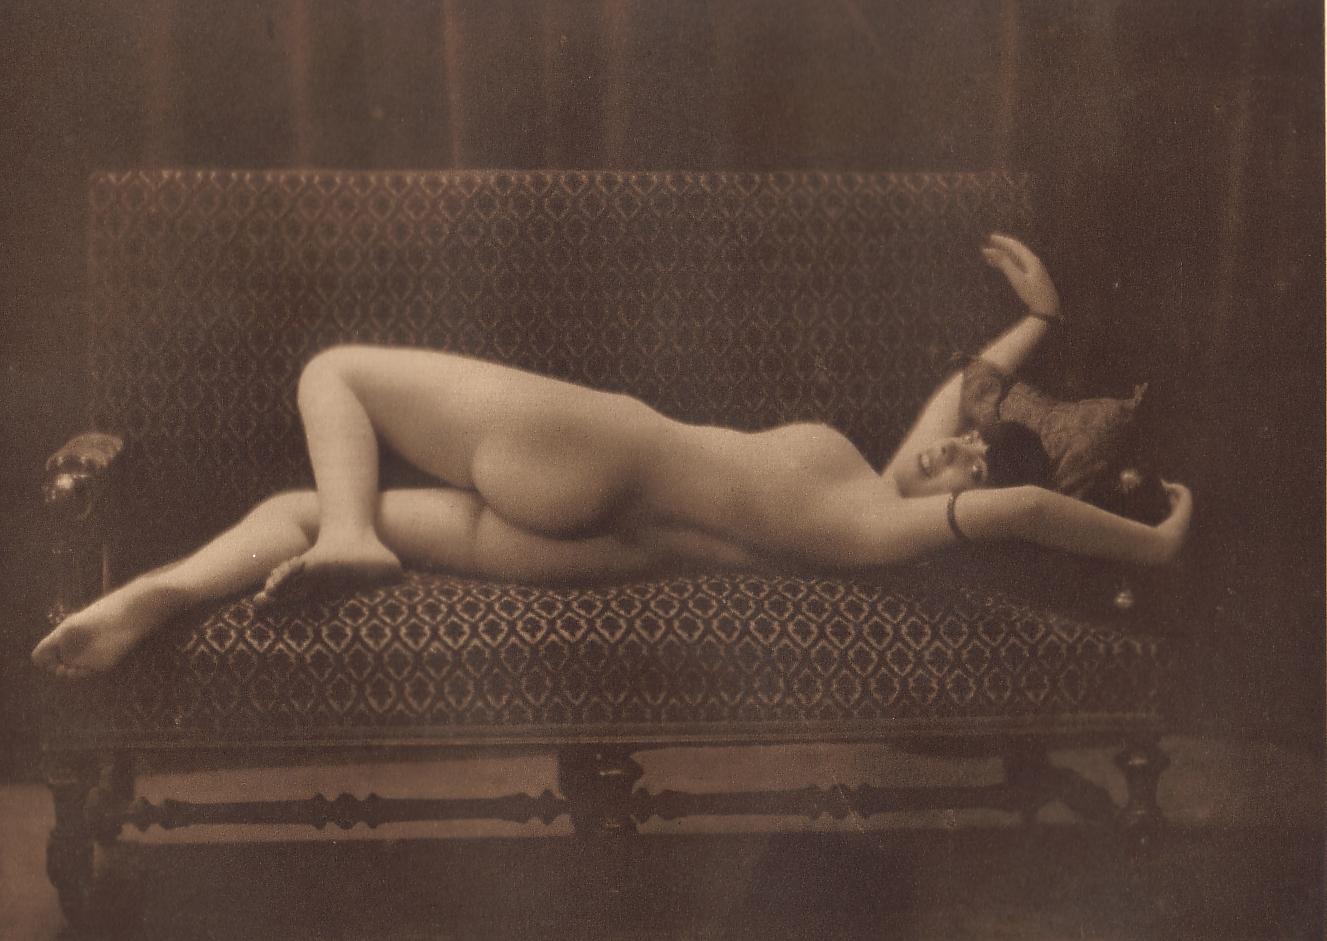 Fot. Walery, 96 XCVI